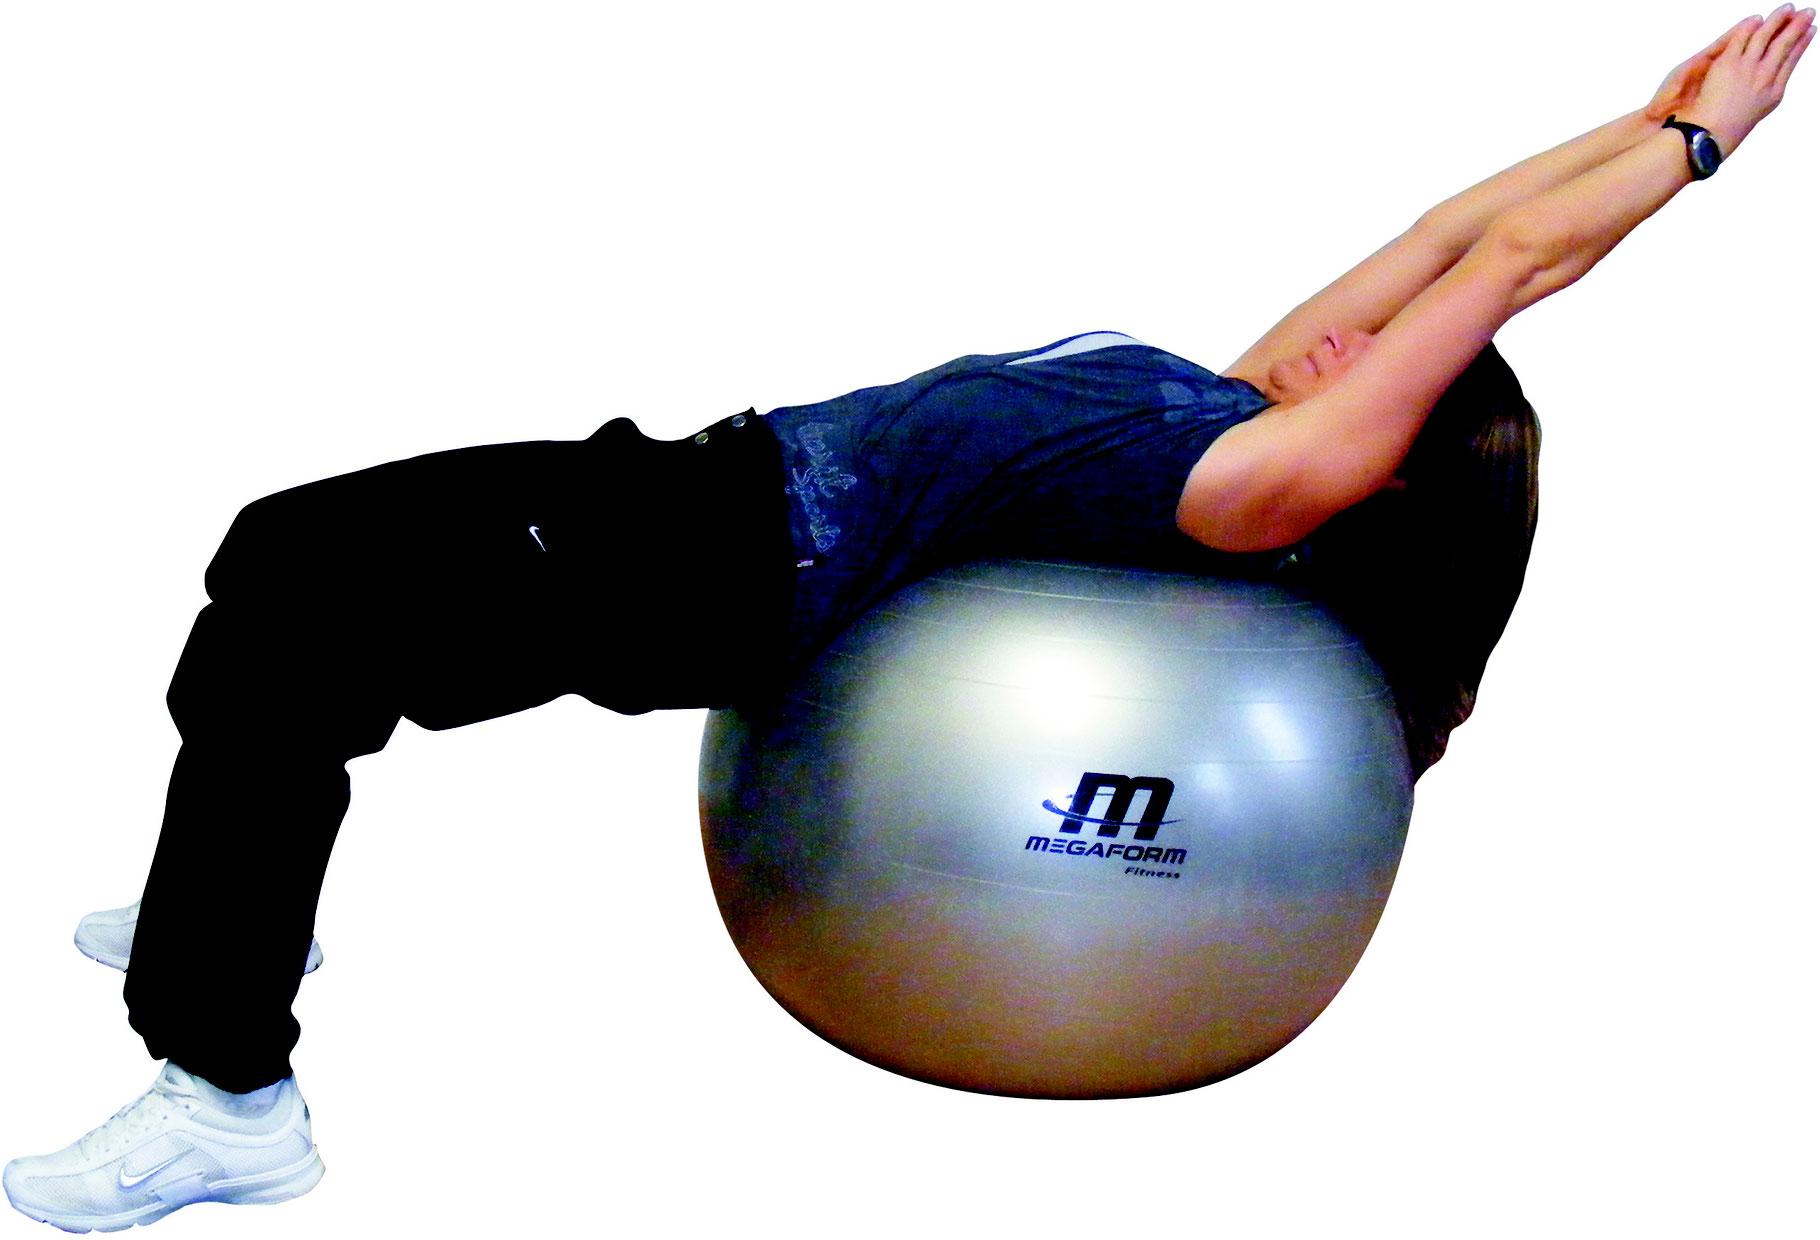 ballon géant fitball de fitness - matériel sportif et pédagogique